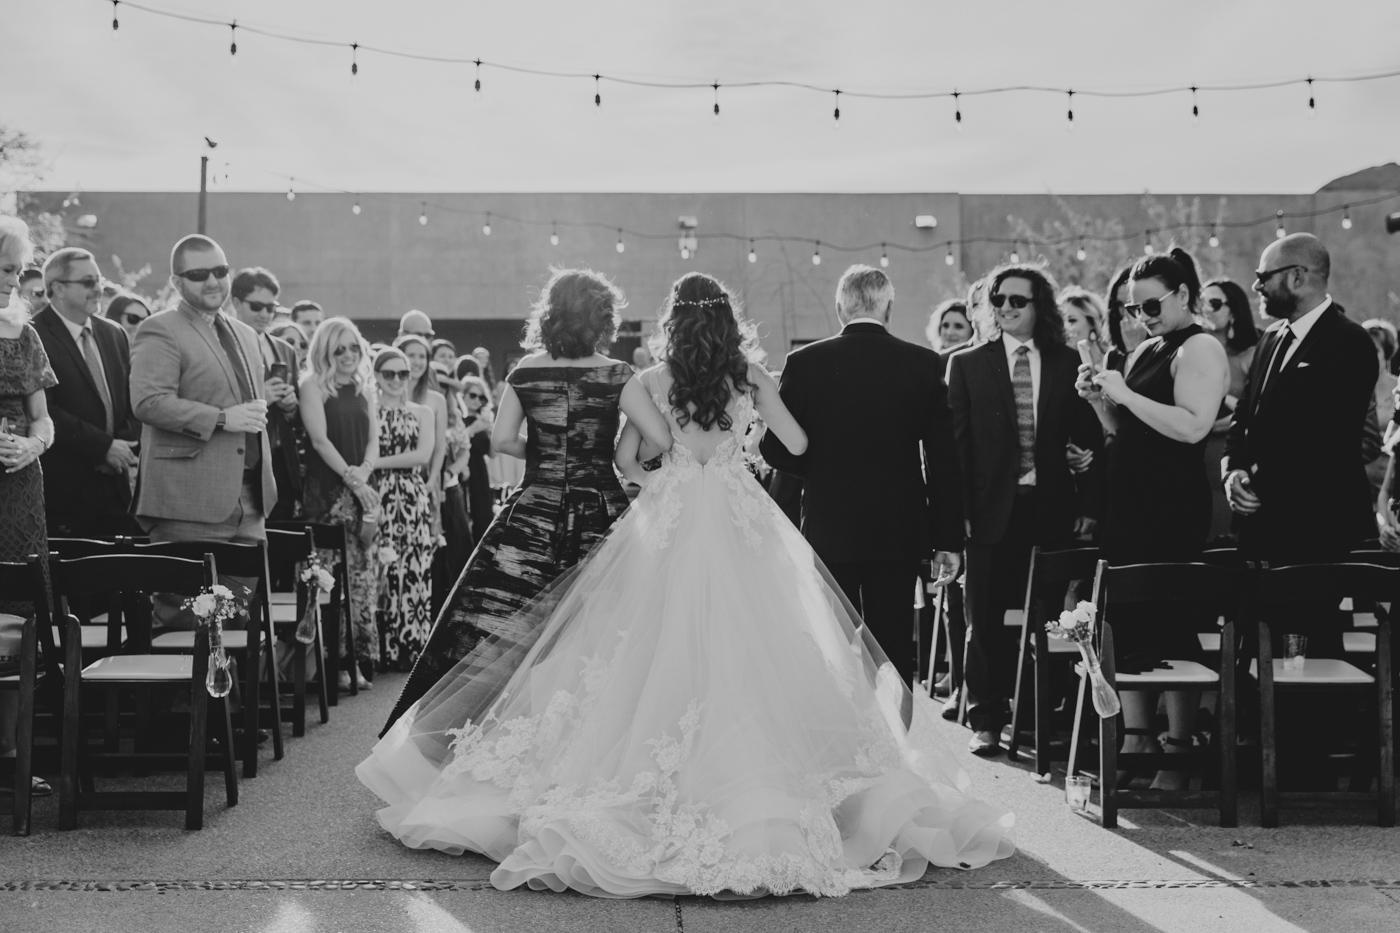 bride-walking-down-aisle-bw